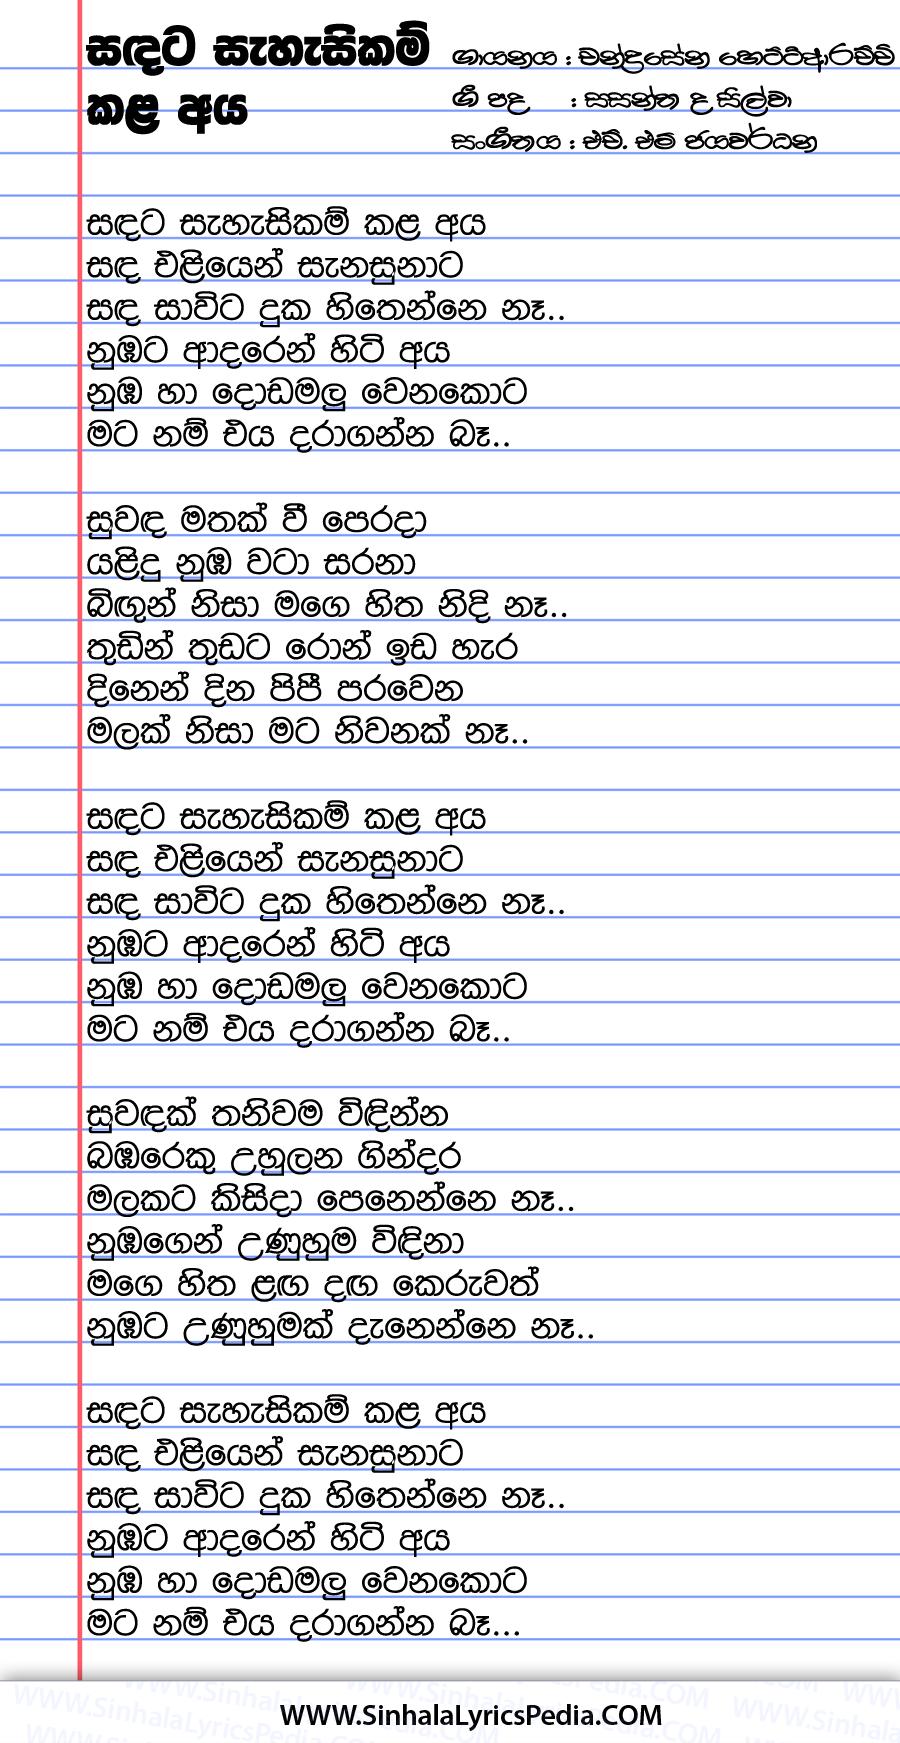 Sandata Sahasikam Kala Aya Song Lyrics